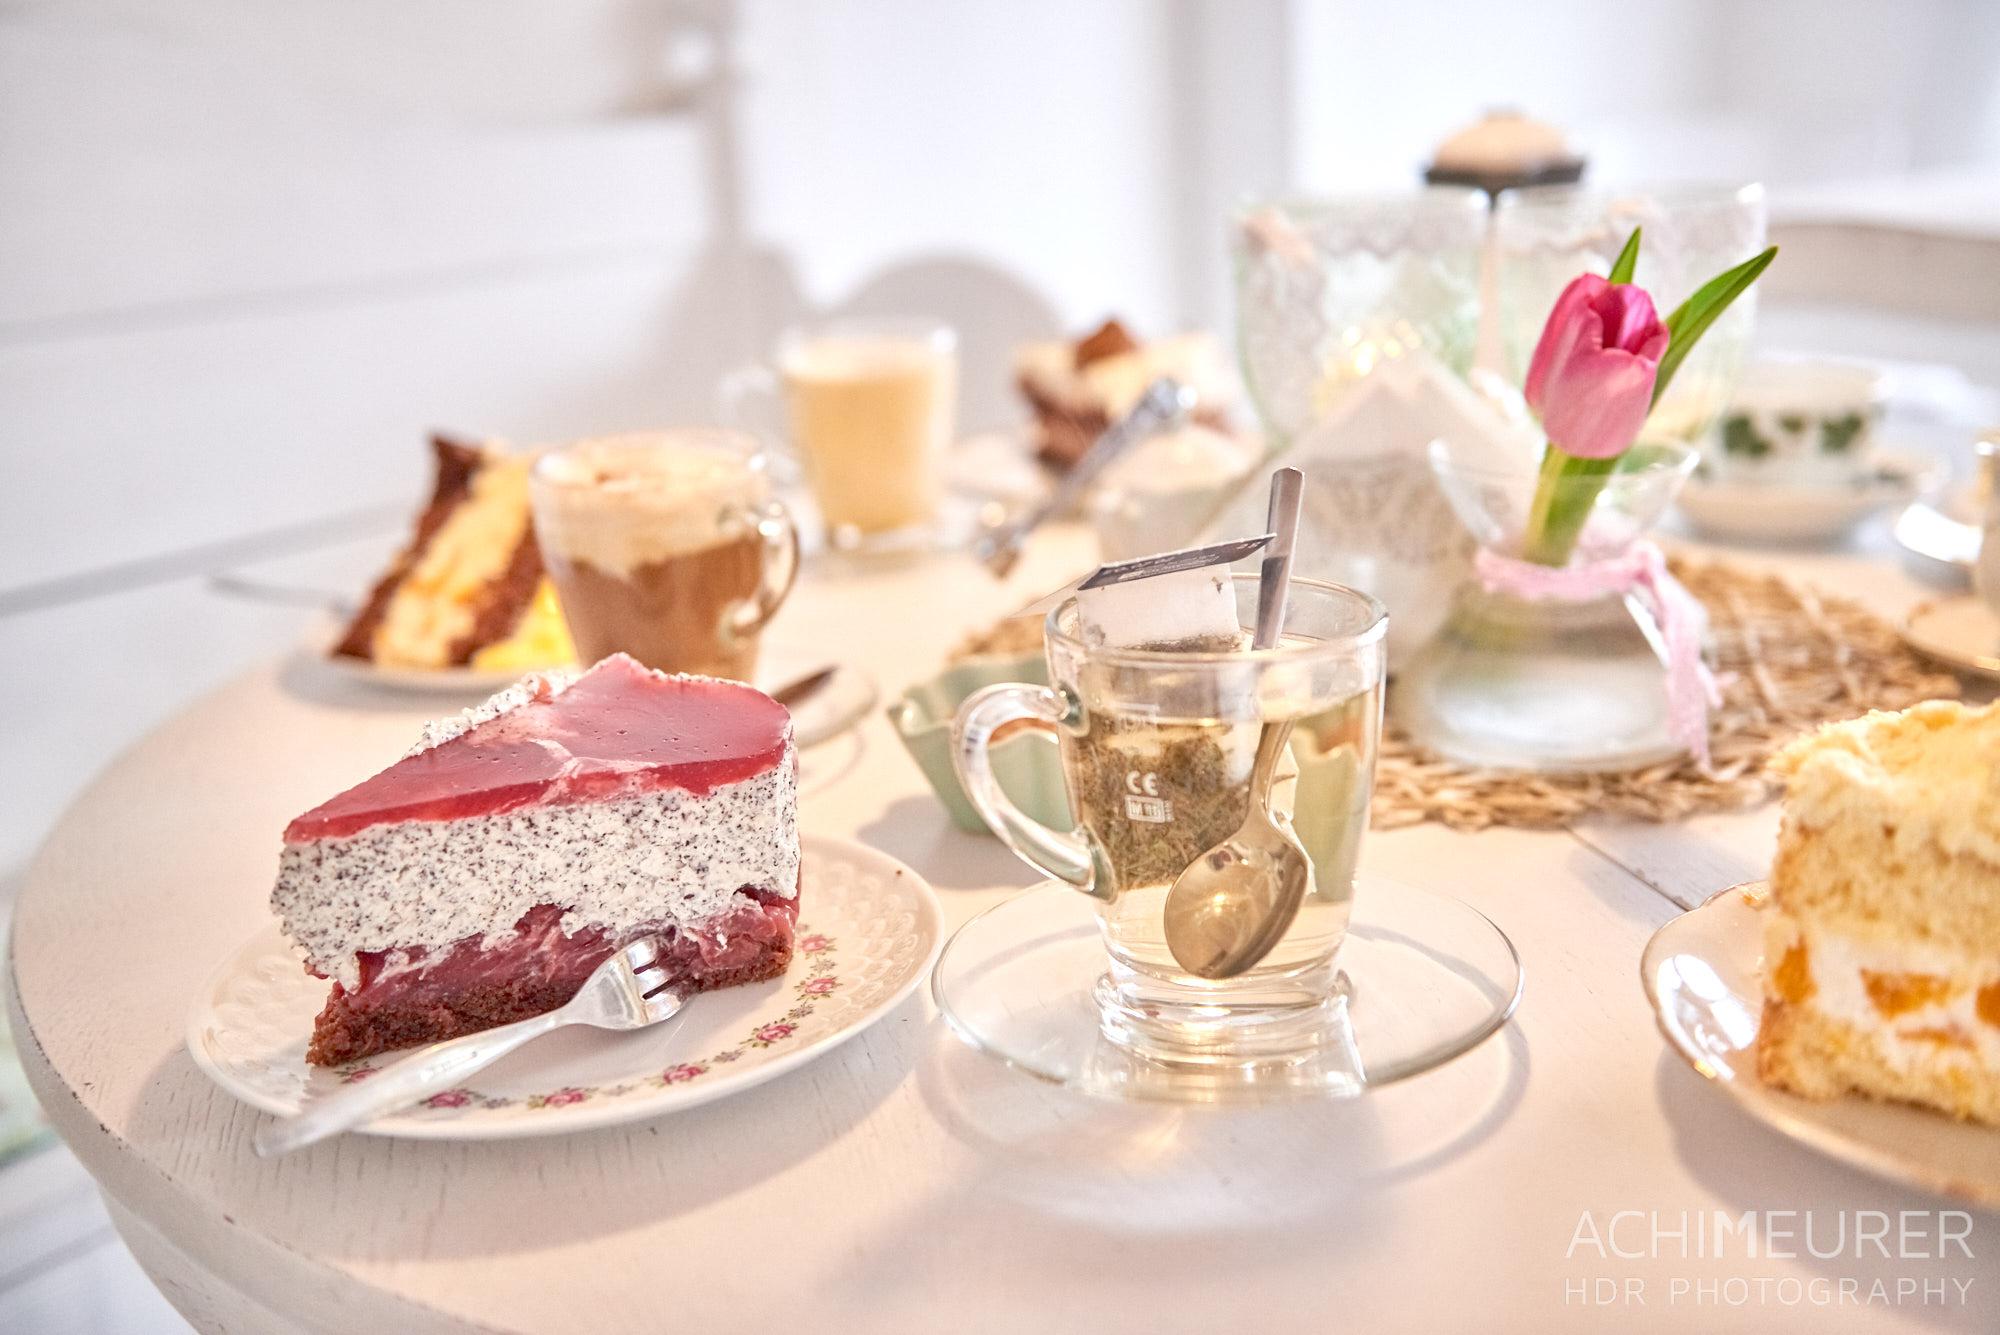 Kaffee & Kuchen im Gartencafé Süderdeich, Sankt Peter-Ording by AchimMeurer.com.